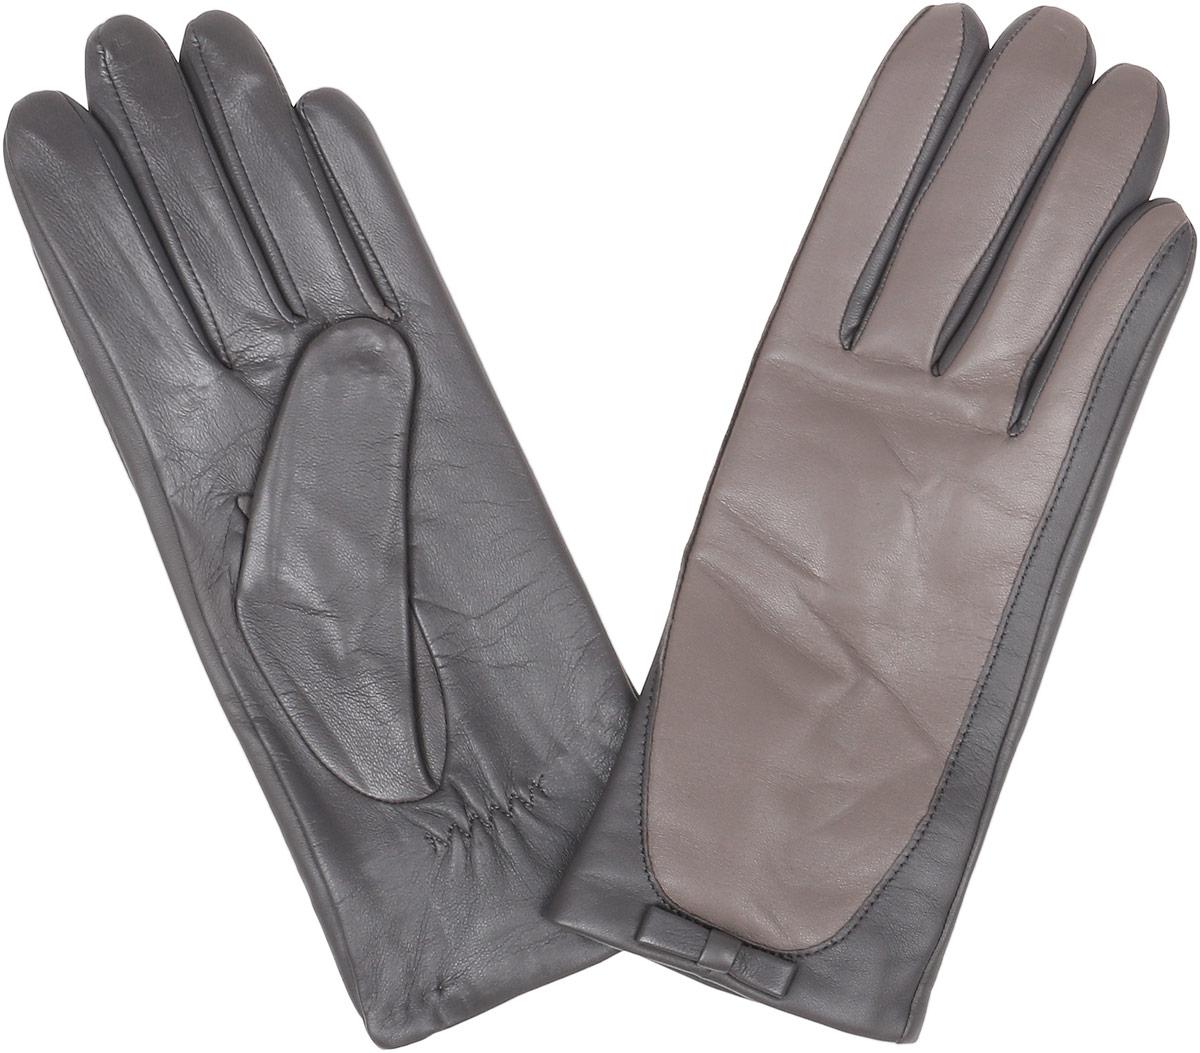 Перчатки женские Fabretti, цвет: серый, бежевый. 12.28-9. Размер 712.28-9 greyСтильные женские перчатки Fabretti не только защитят ваши руки, но и станут великолепным украшением. Перчатки выполнены из натуральной кожи ягненка, а их подкладка - из высококачественной шерсти с добавлением кашемира.Модель оформлена оригинальными строчками-стежками и дополнена небольшим бантиком. Стильный аксессуар для повседневного образа.